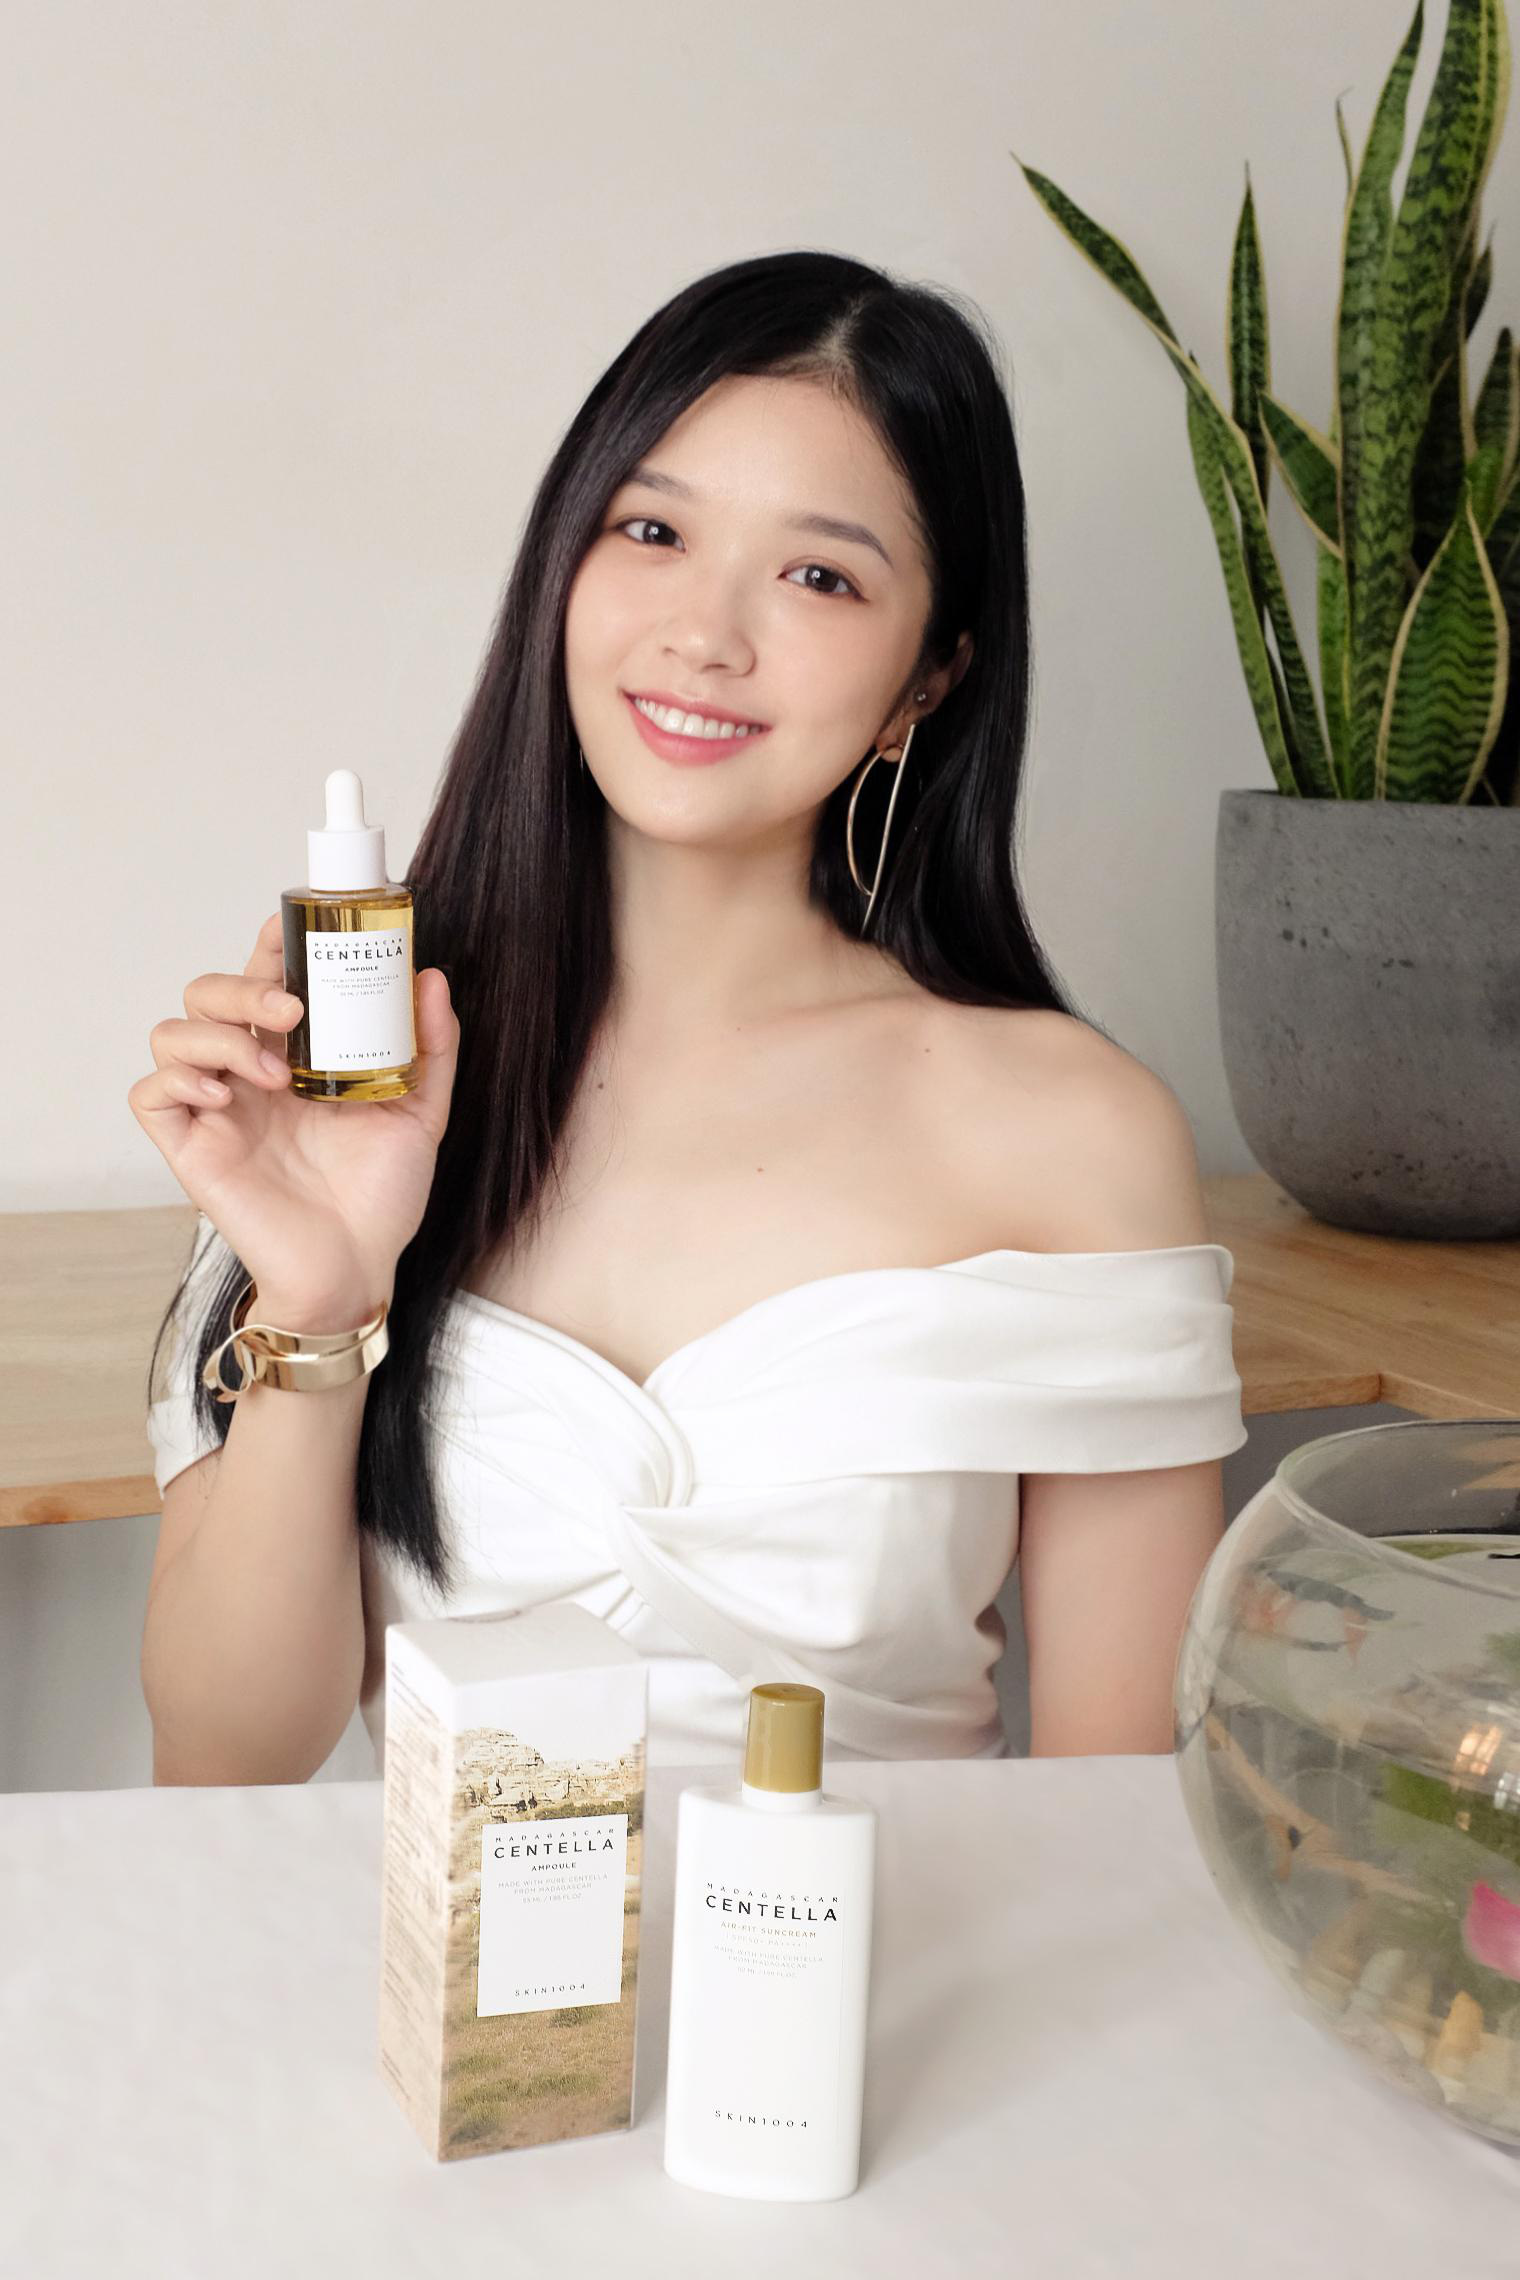 Áp dụng bí kíp dưỡng da này ngay để tỏa sáng như 2 cô nàng đa-zi-năng Suni Hạ Linh và Khánh Vy - Ảnh 4.